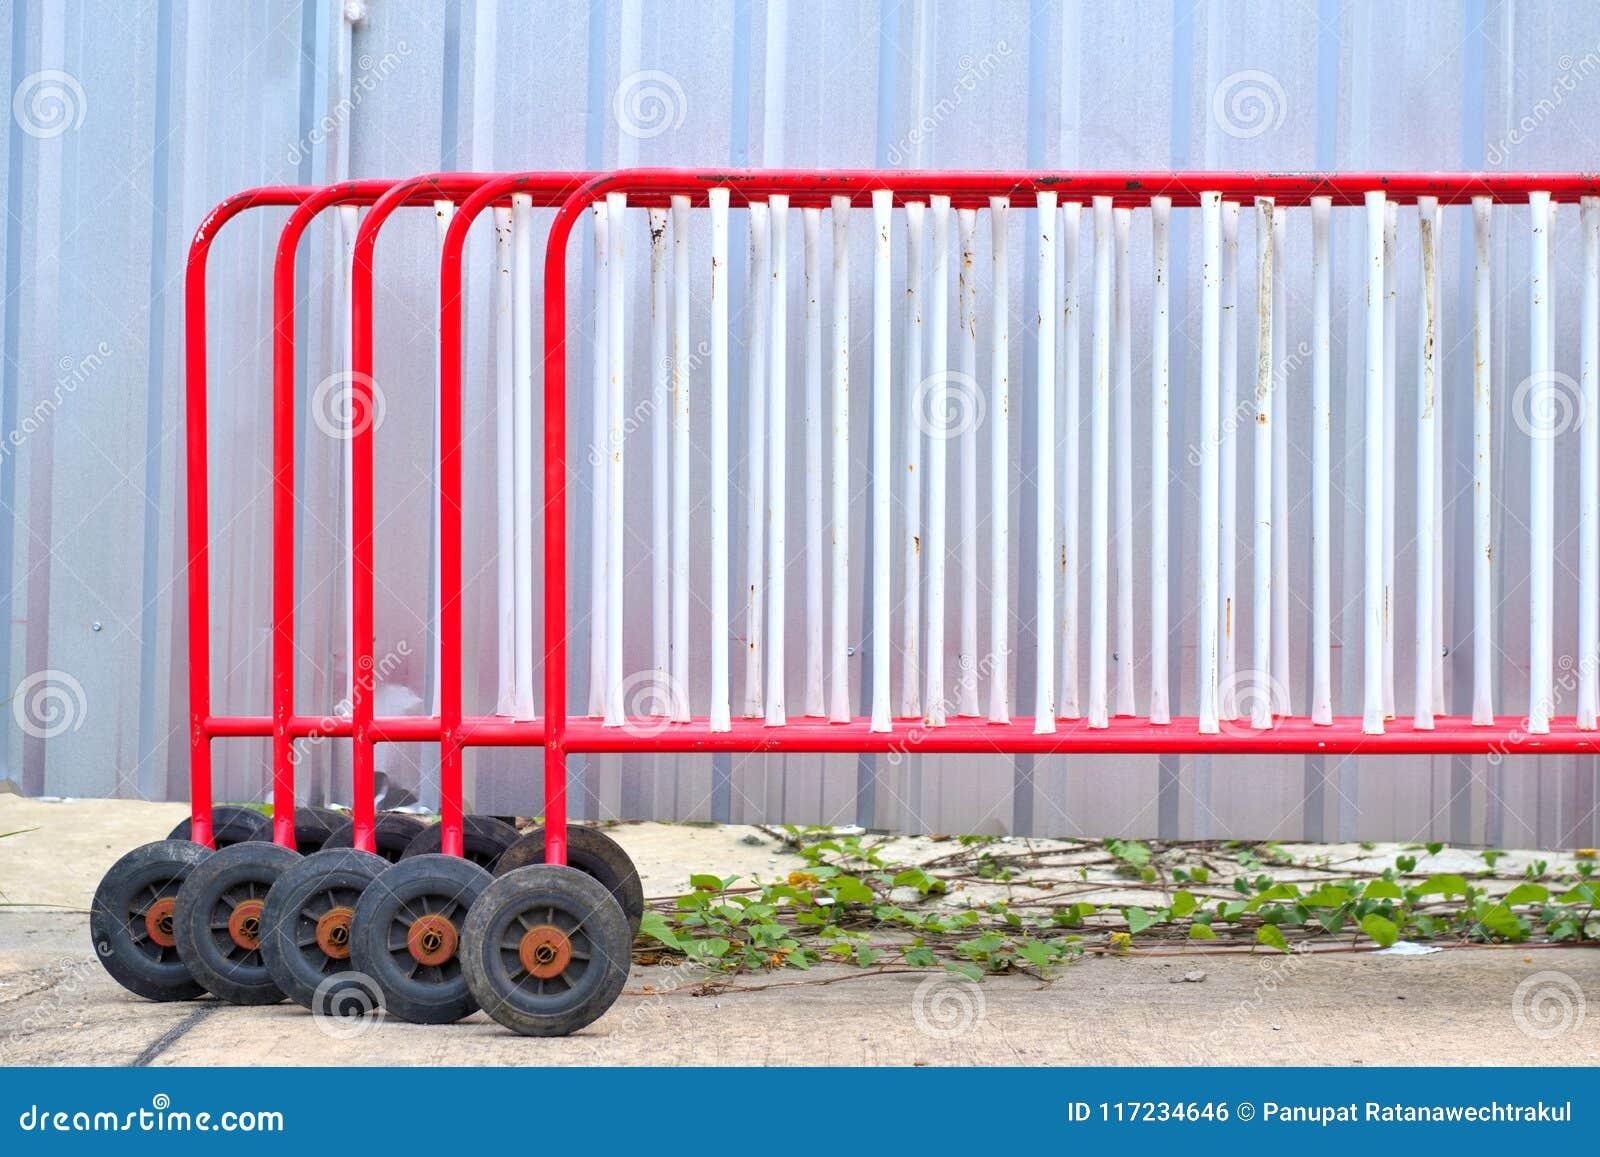 一个小组红色交通障碍